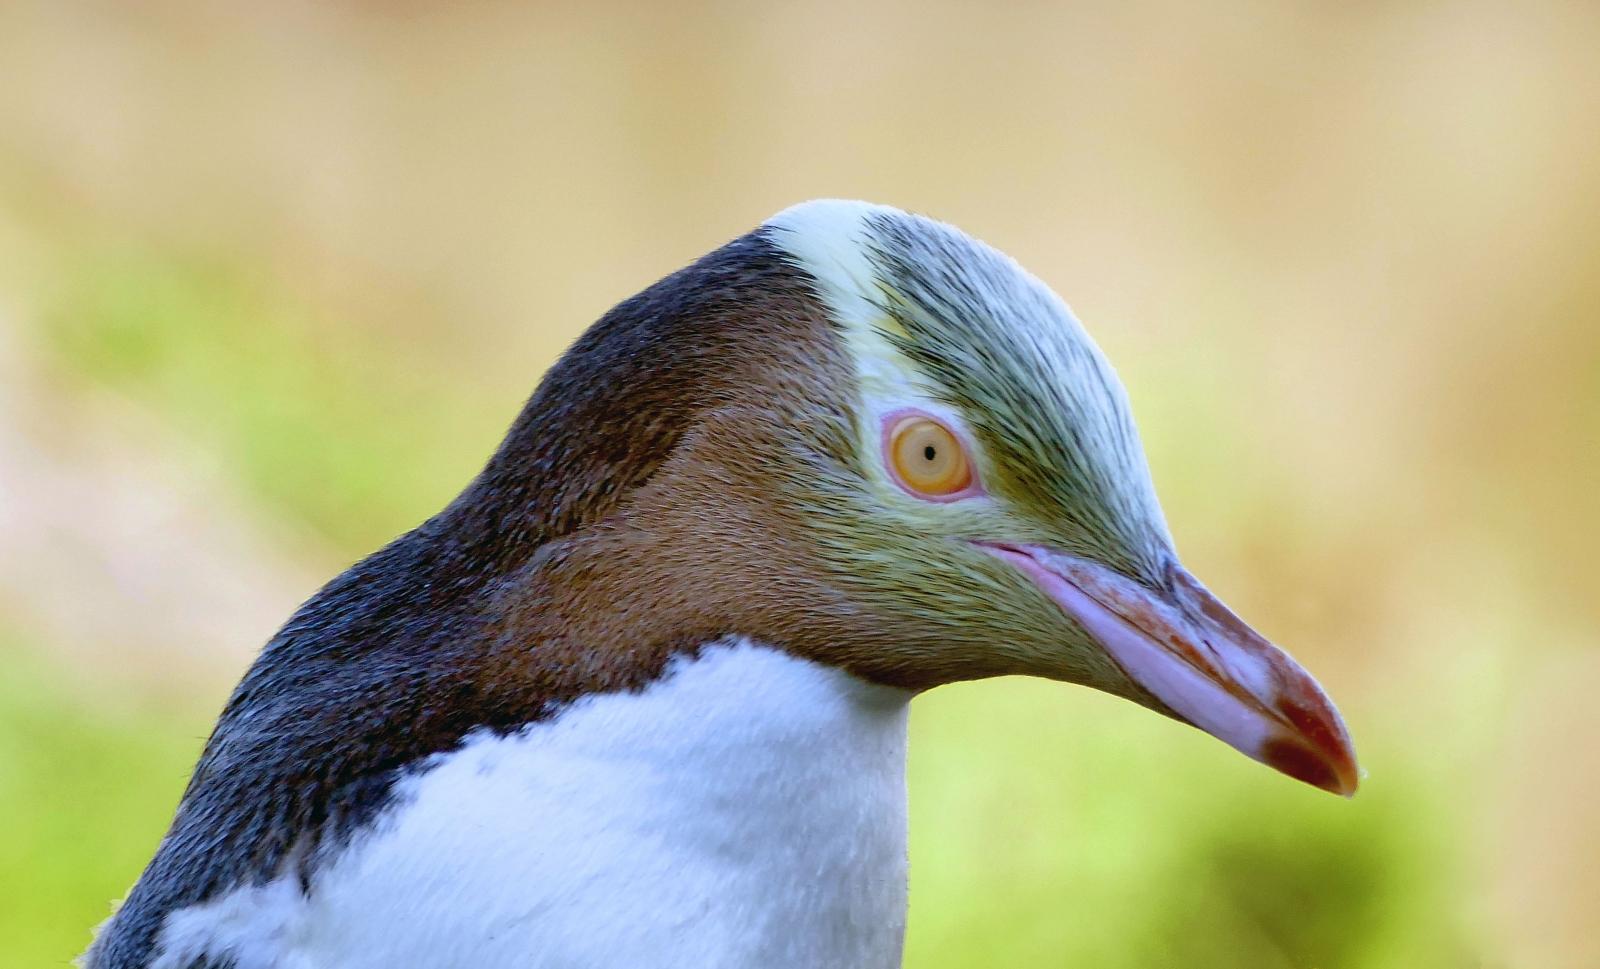 Eye of the penguin